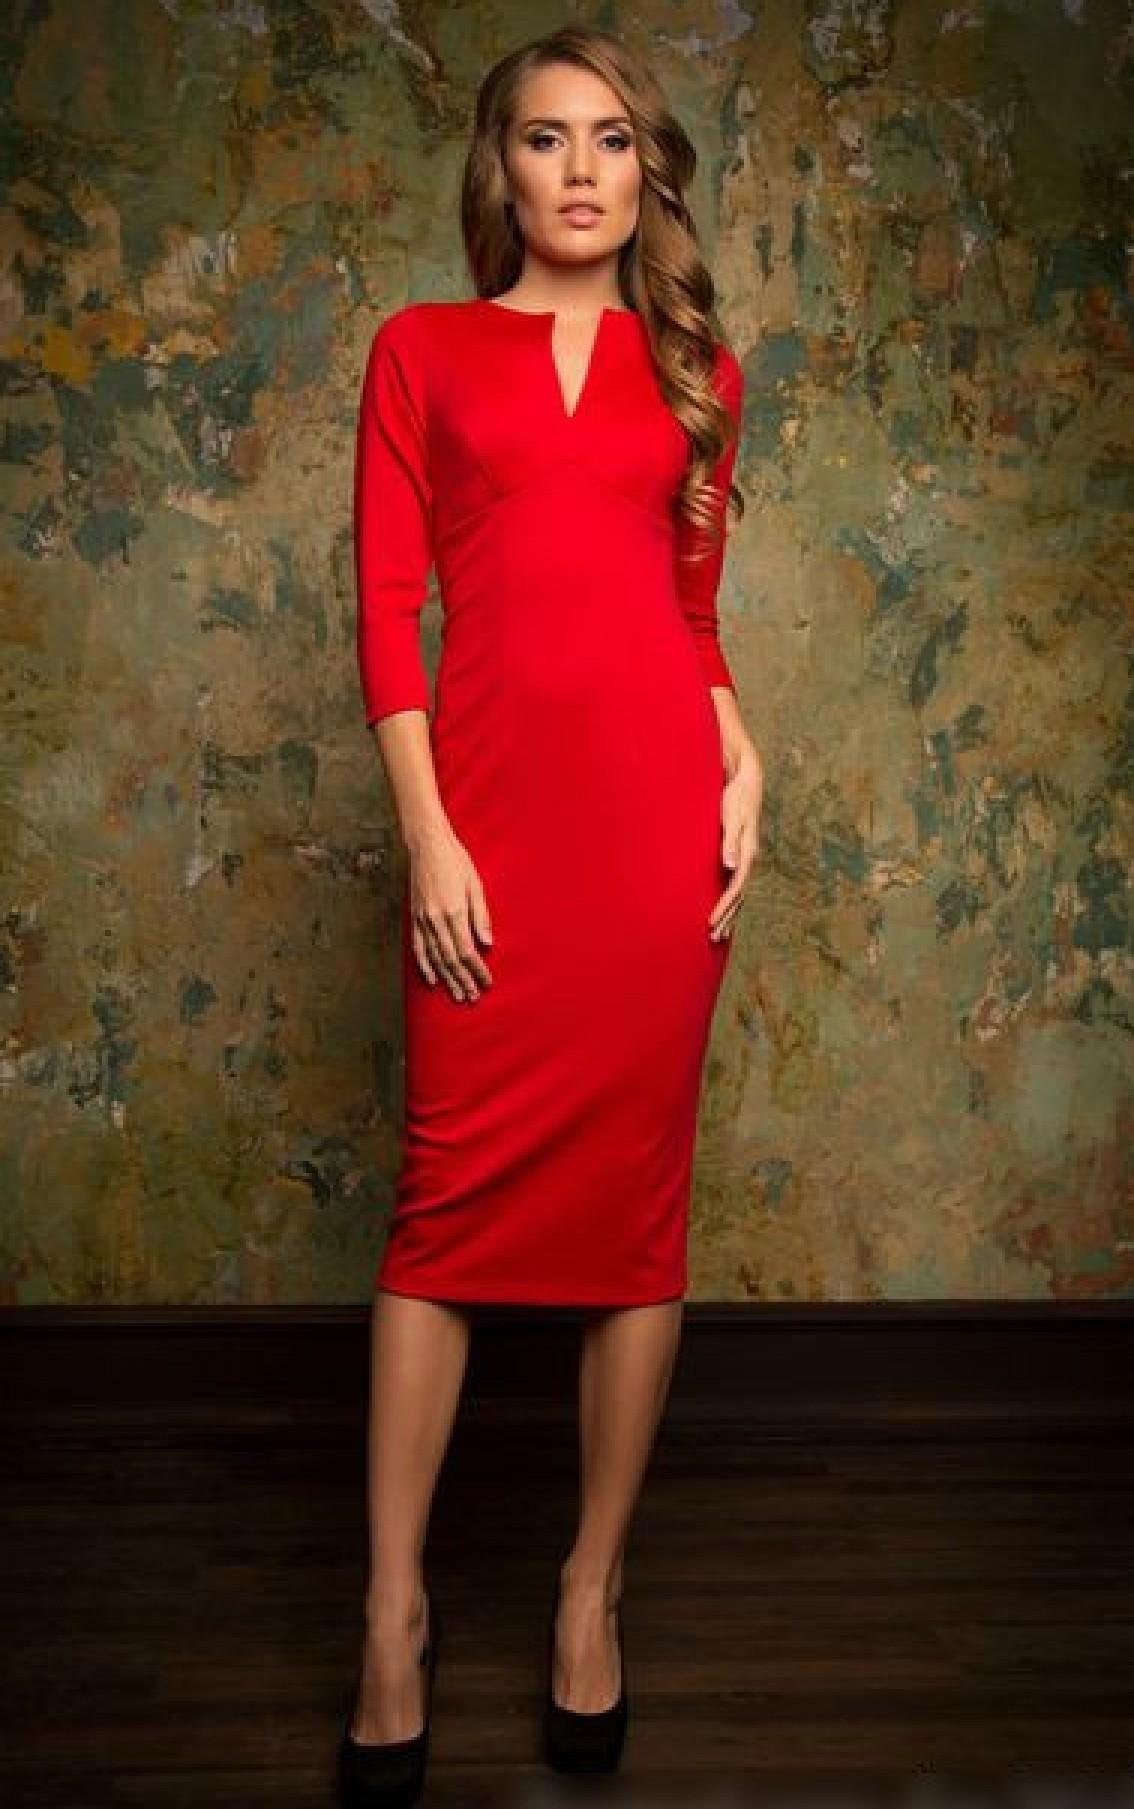 486ae93d247 Купить или заказать красное платье футляр для офиса. Заказать пошив  офисного платья.